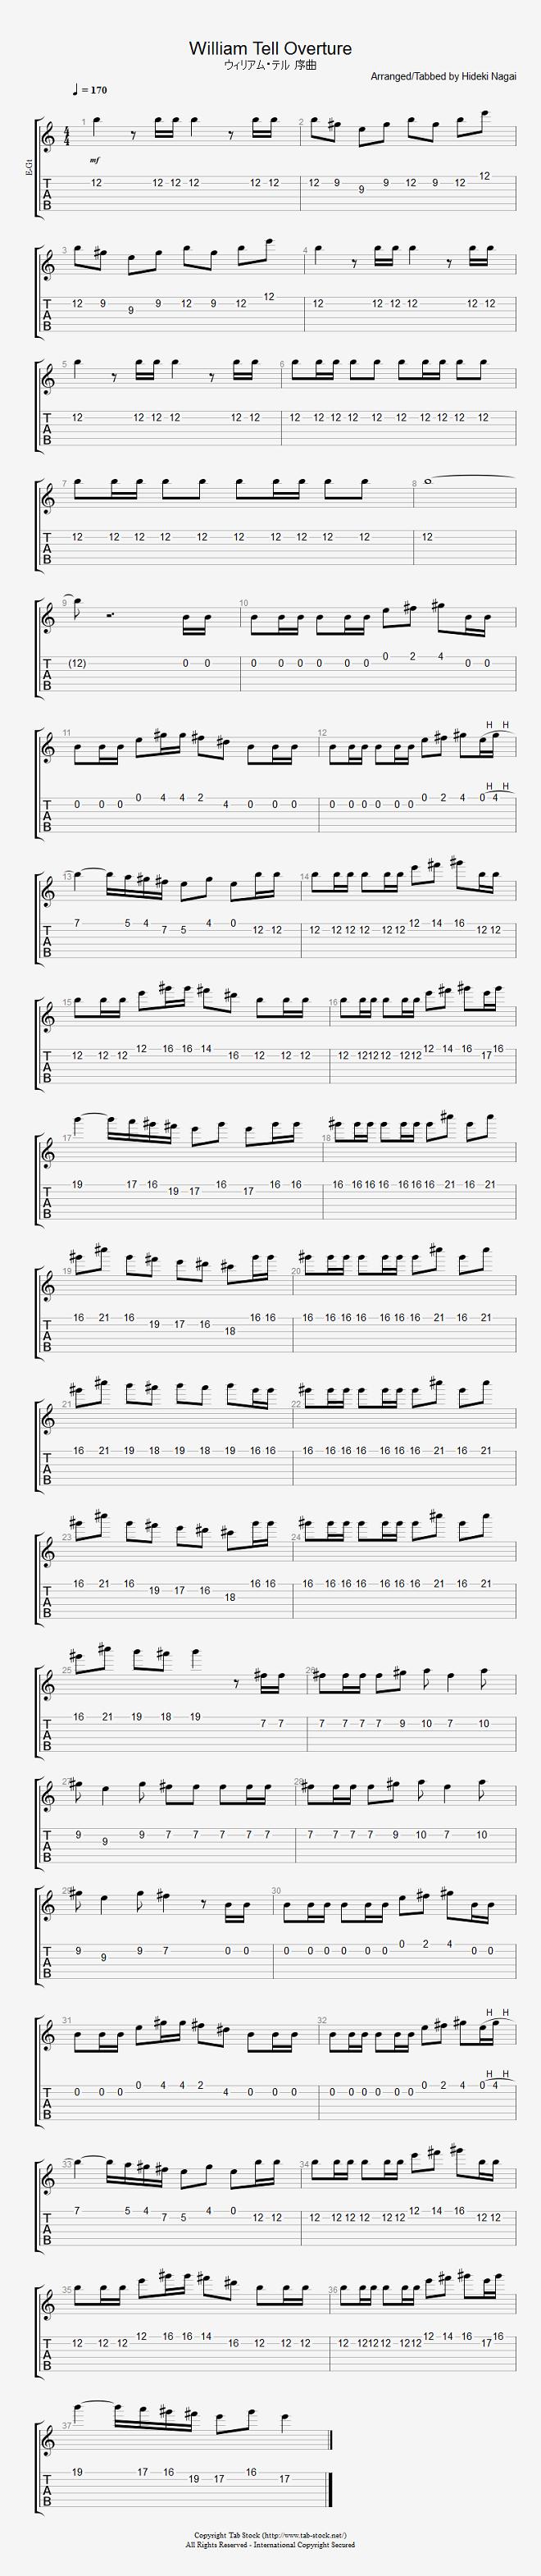 エレキギター無料楽譜(タブ譜)、ウィリアムテル序曲 タブストック